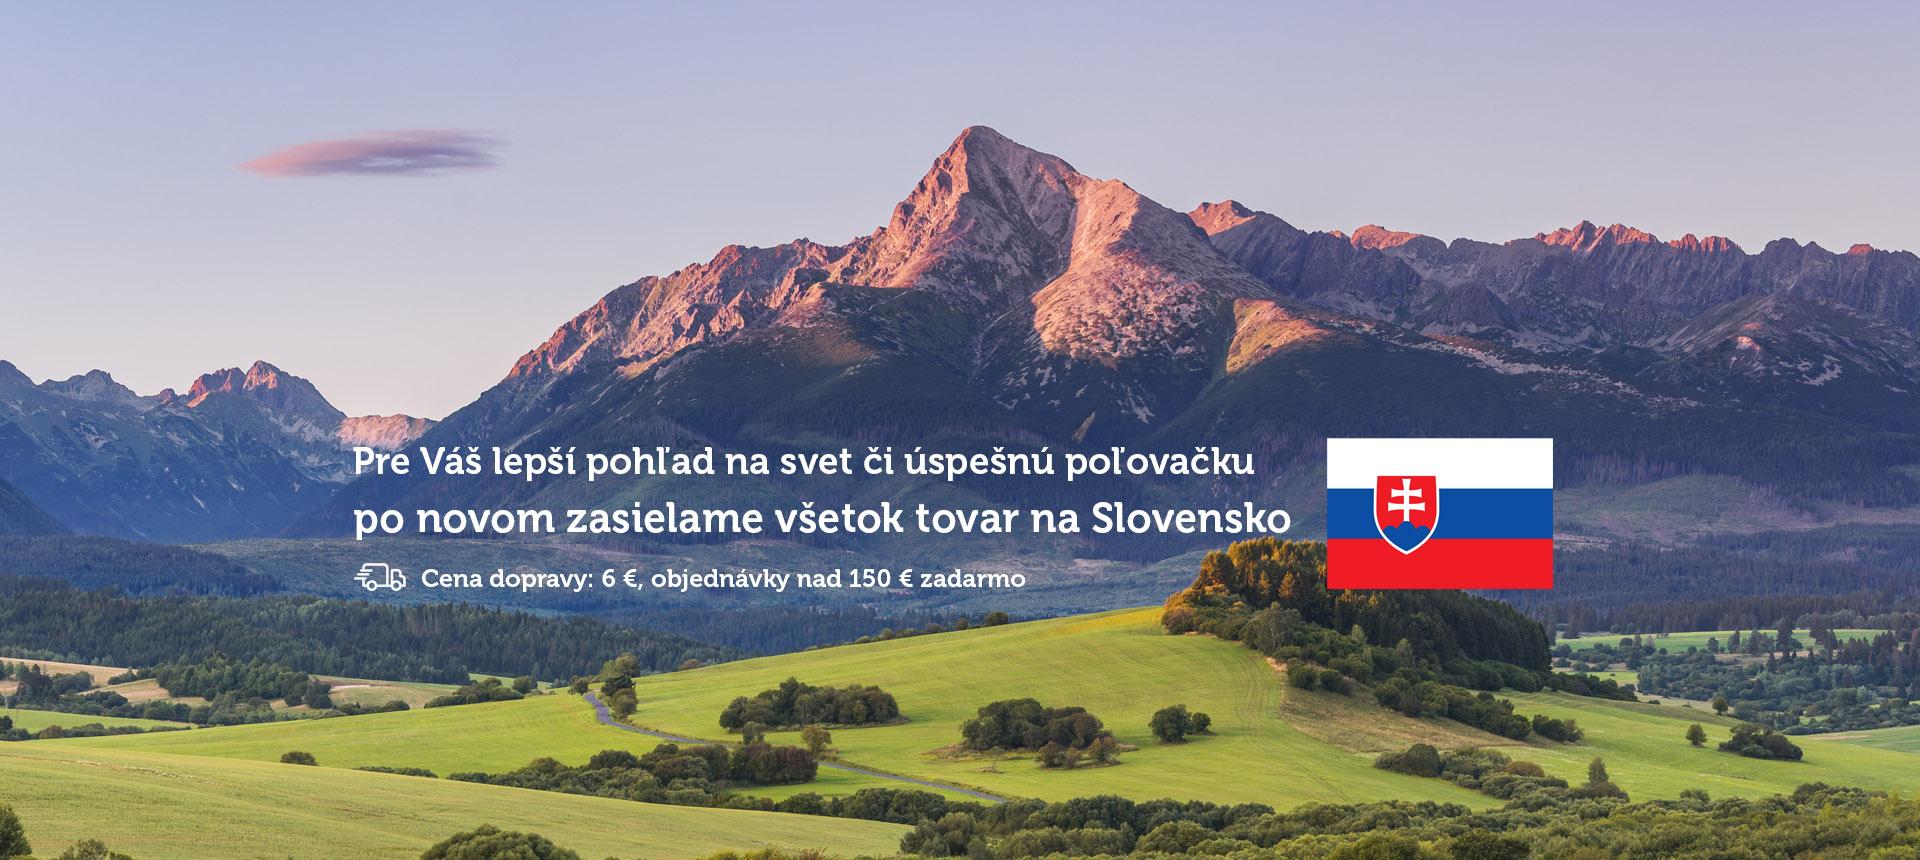 Nově zasíláme na Slovensko